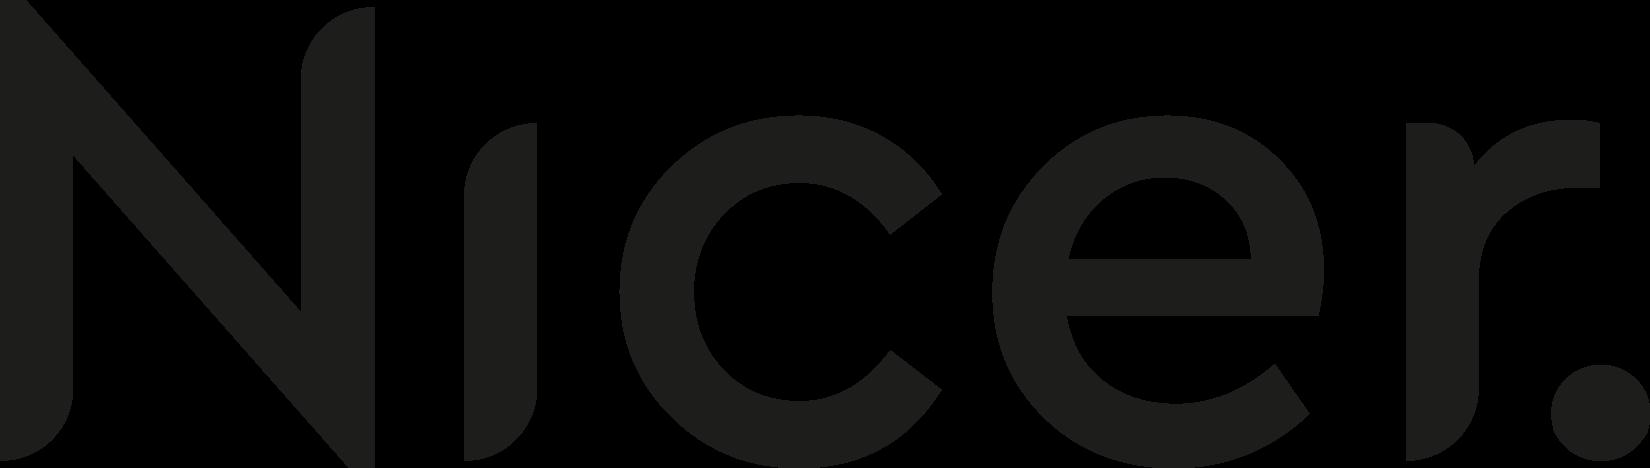 Nicer logo